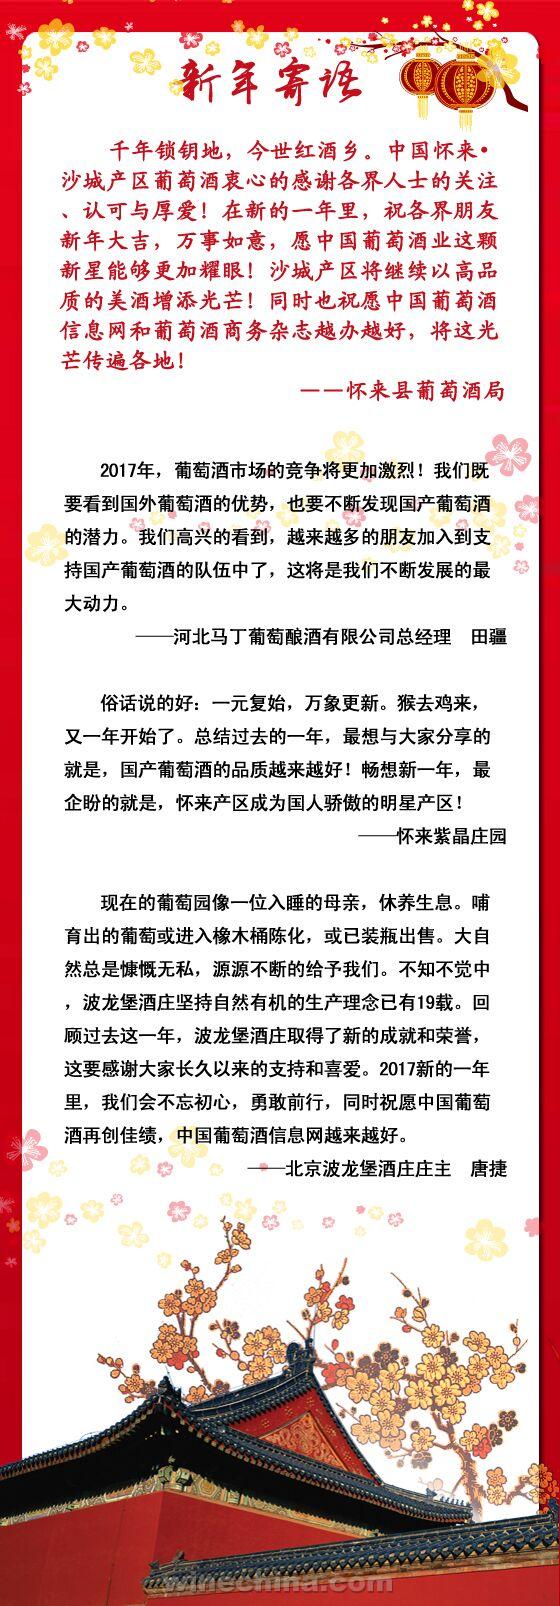 中国葡萄酒行业新年寄语(六)